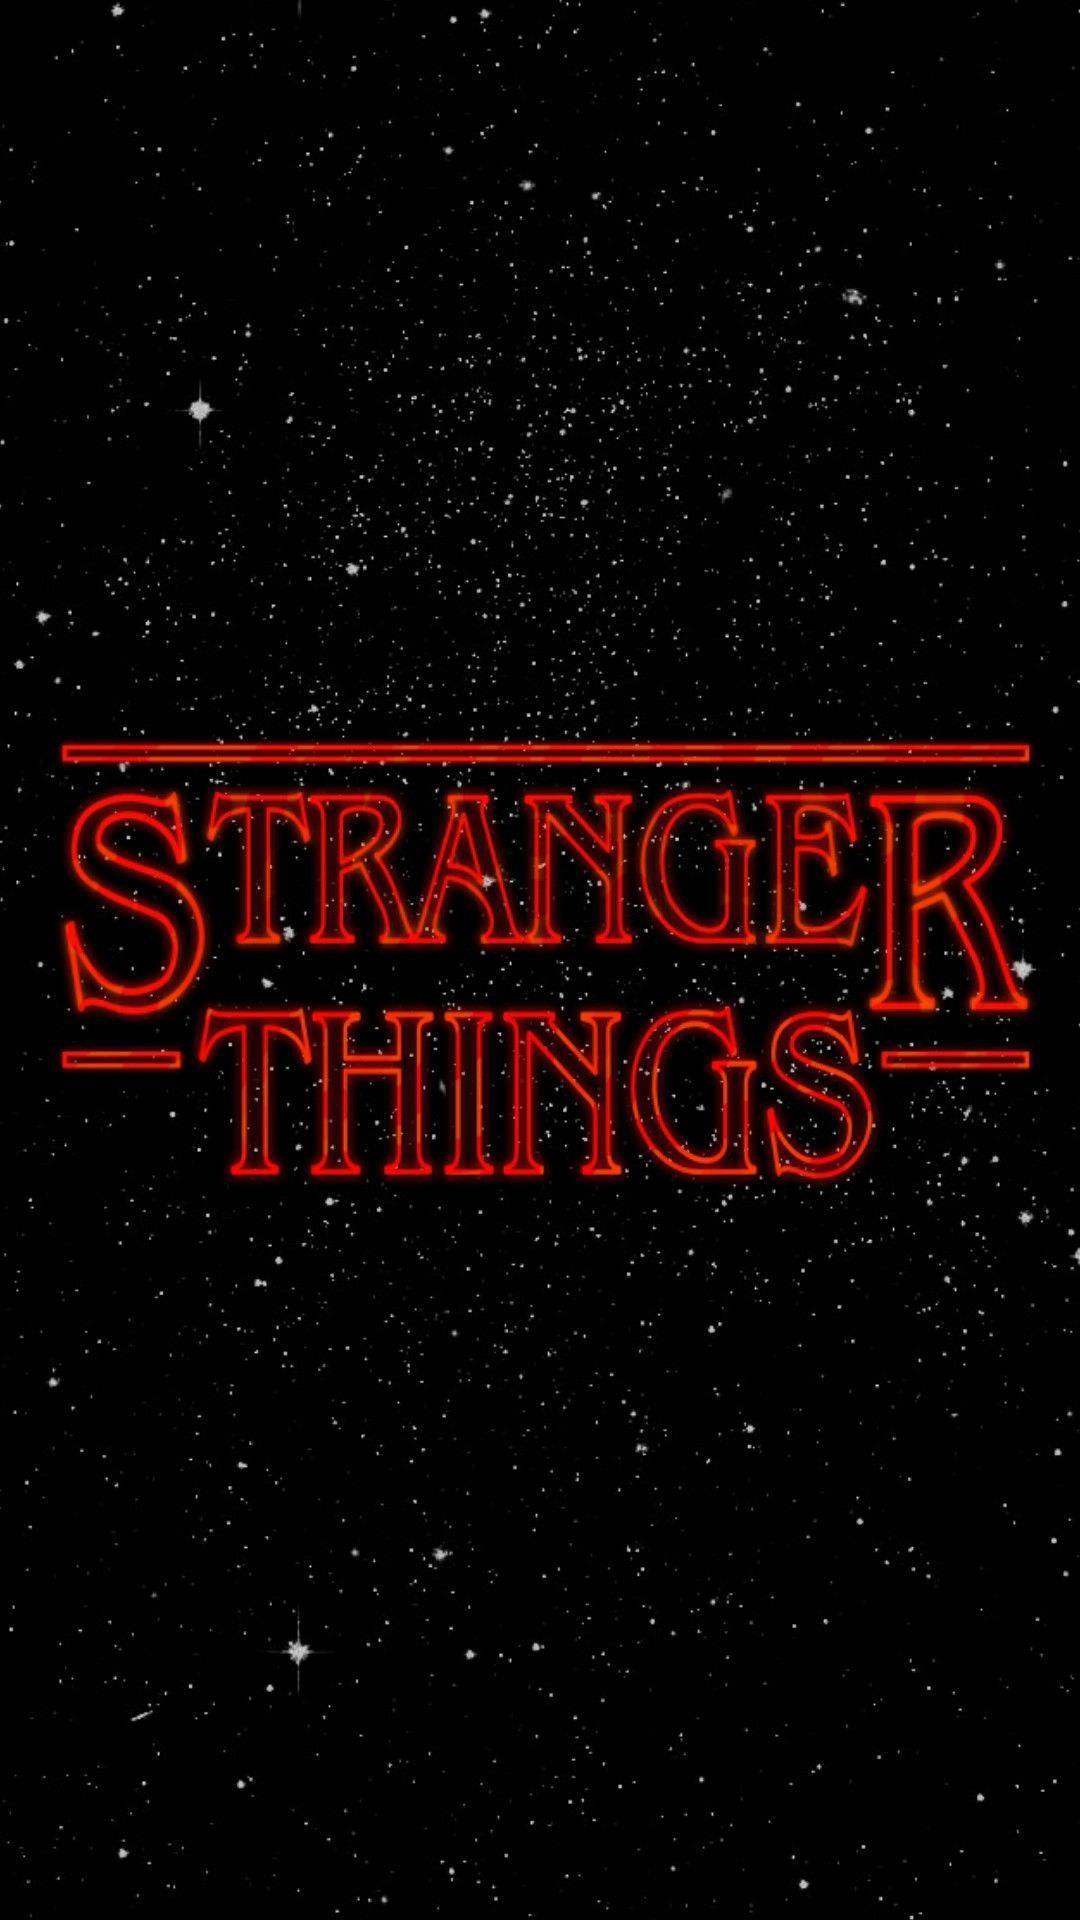 stranger things nerd wallpaper stars Full HD 4K 4K Stranger 1080x1920